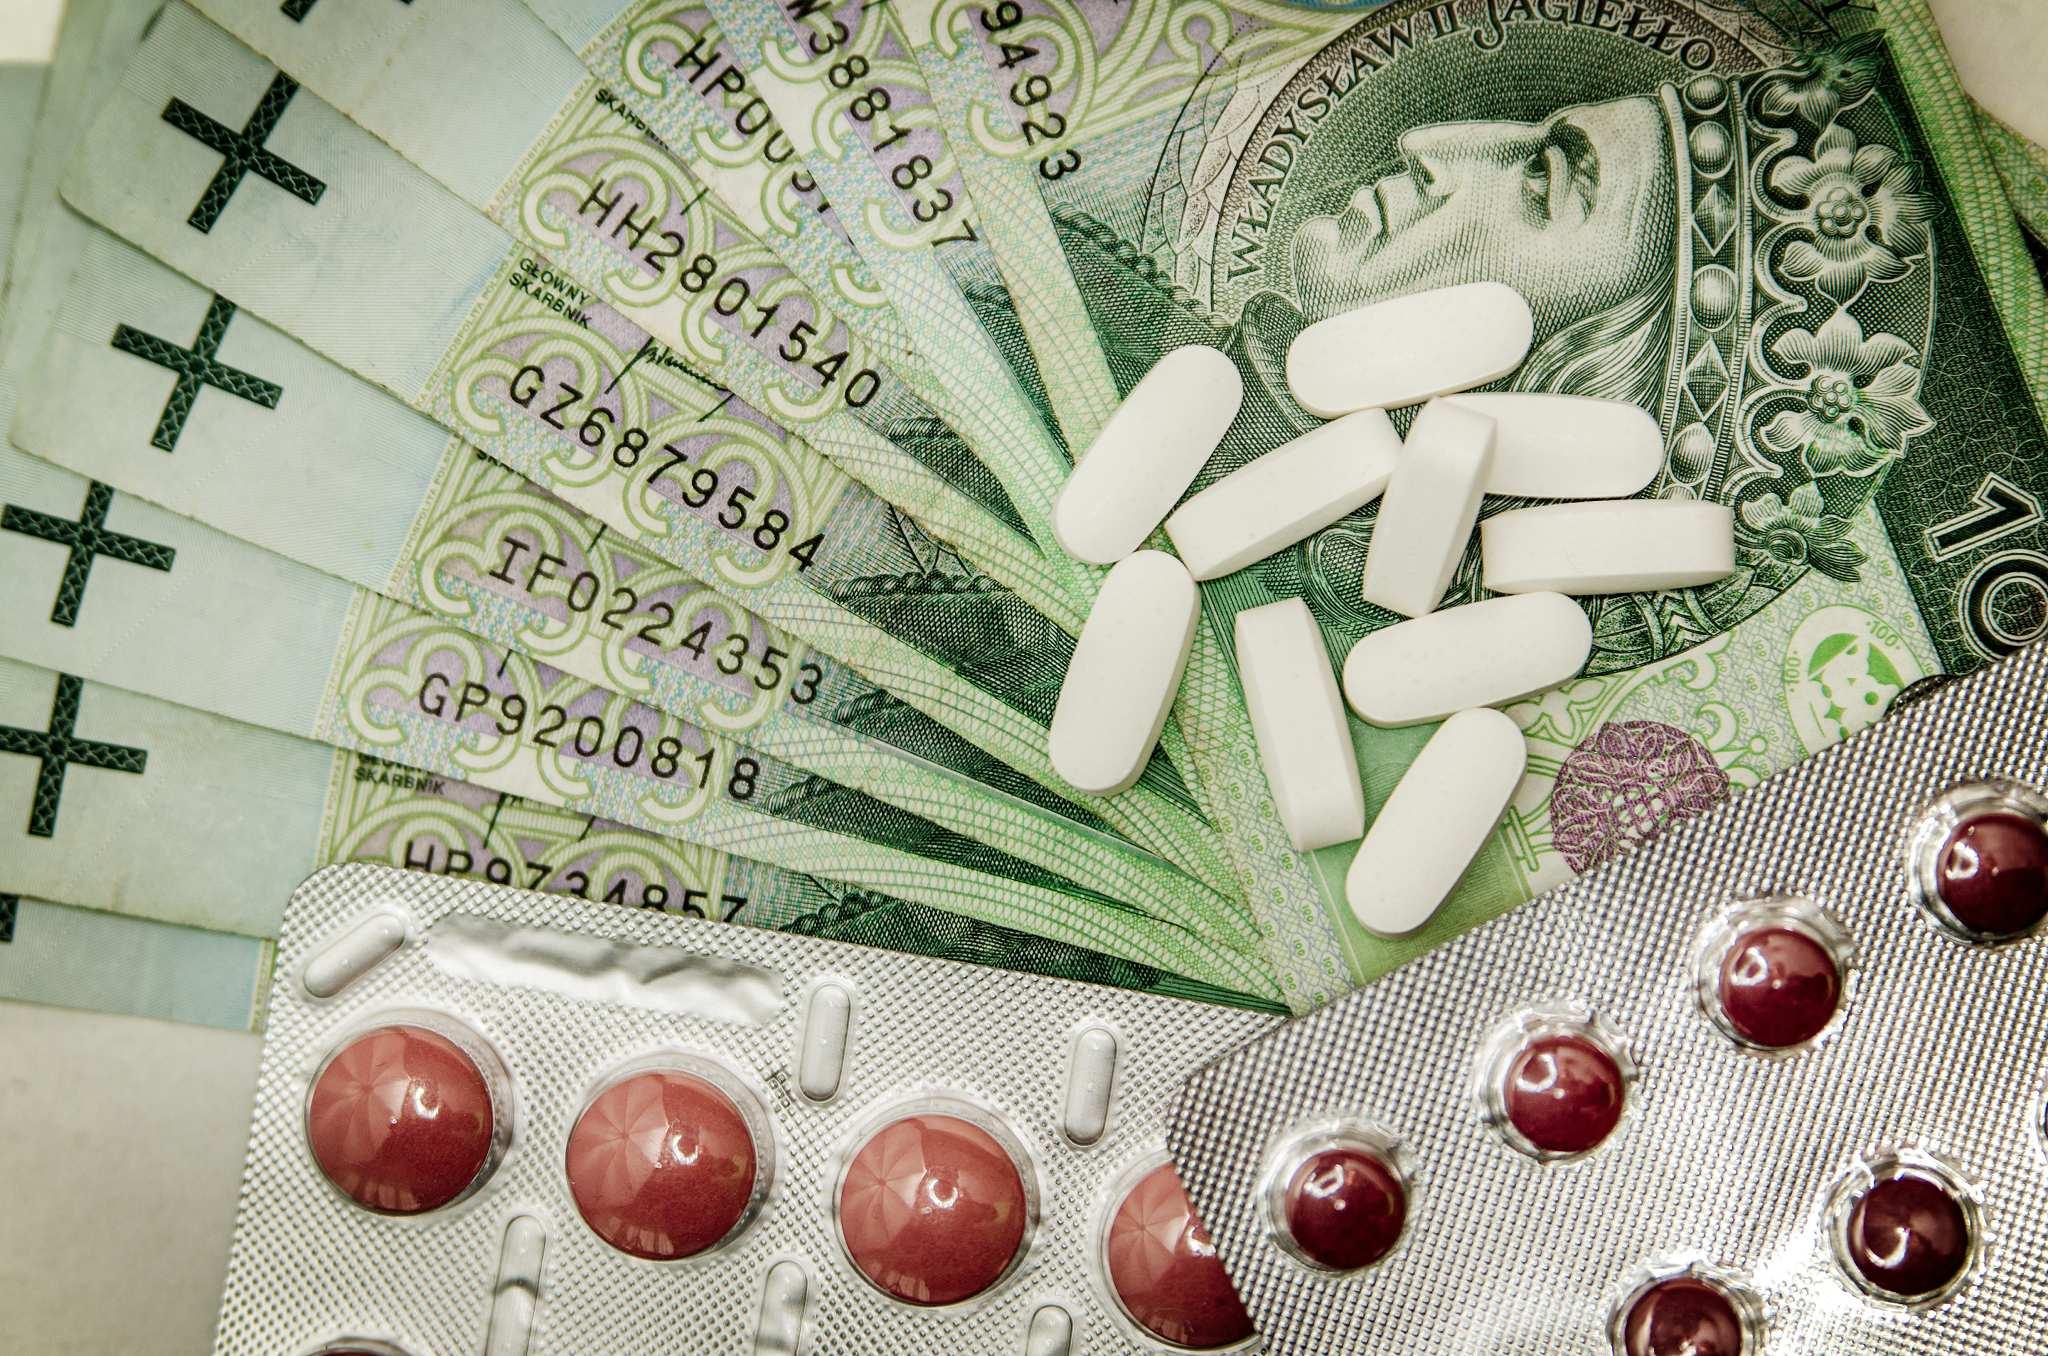 kokie vaistai vartojami hipertenzijai gydyti Vokietijoje)